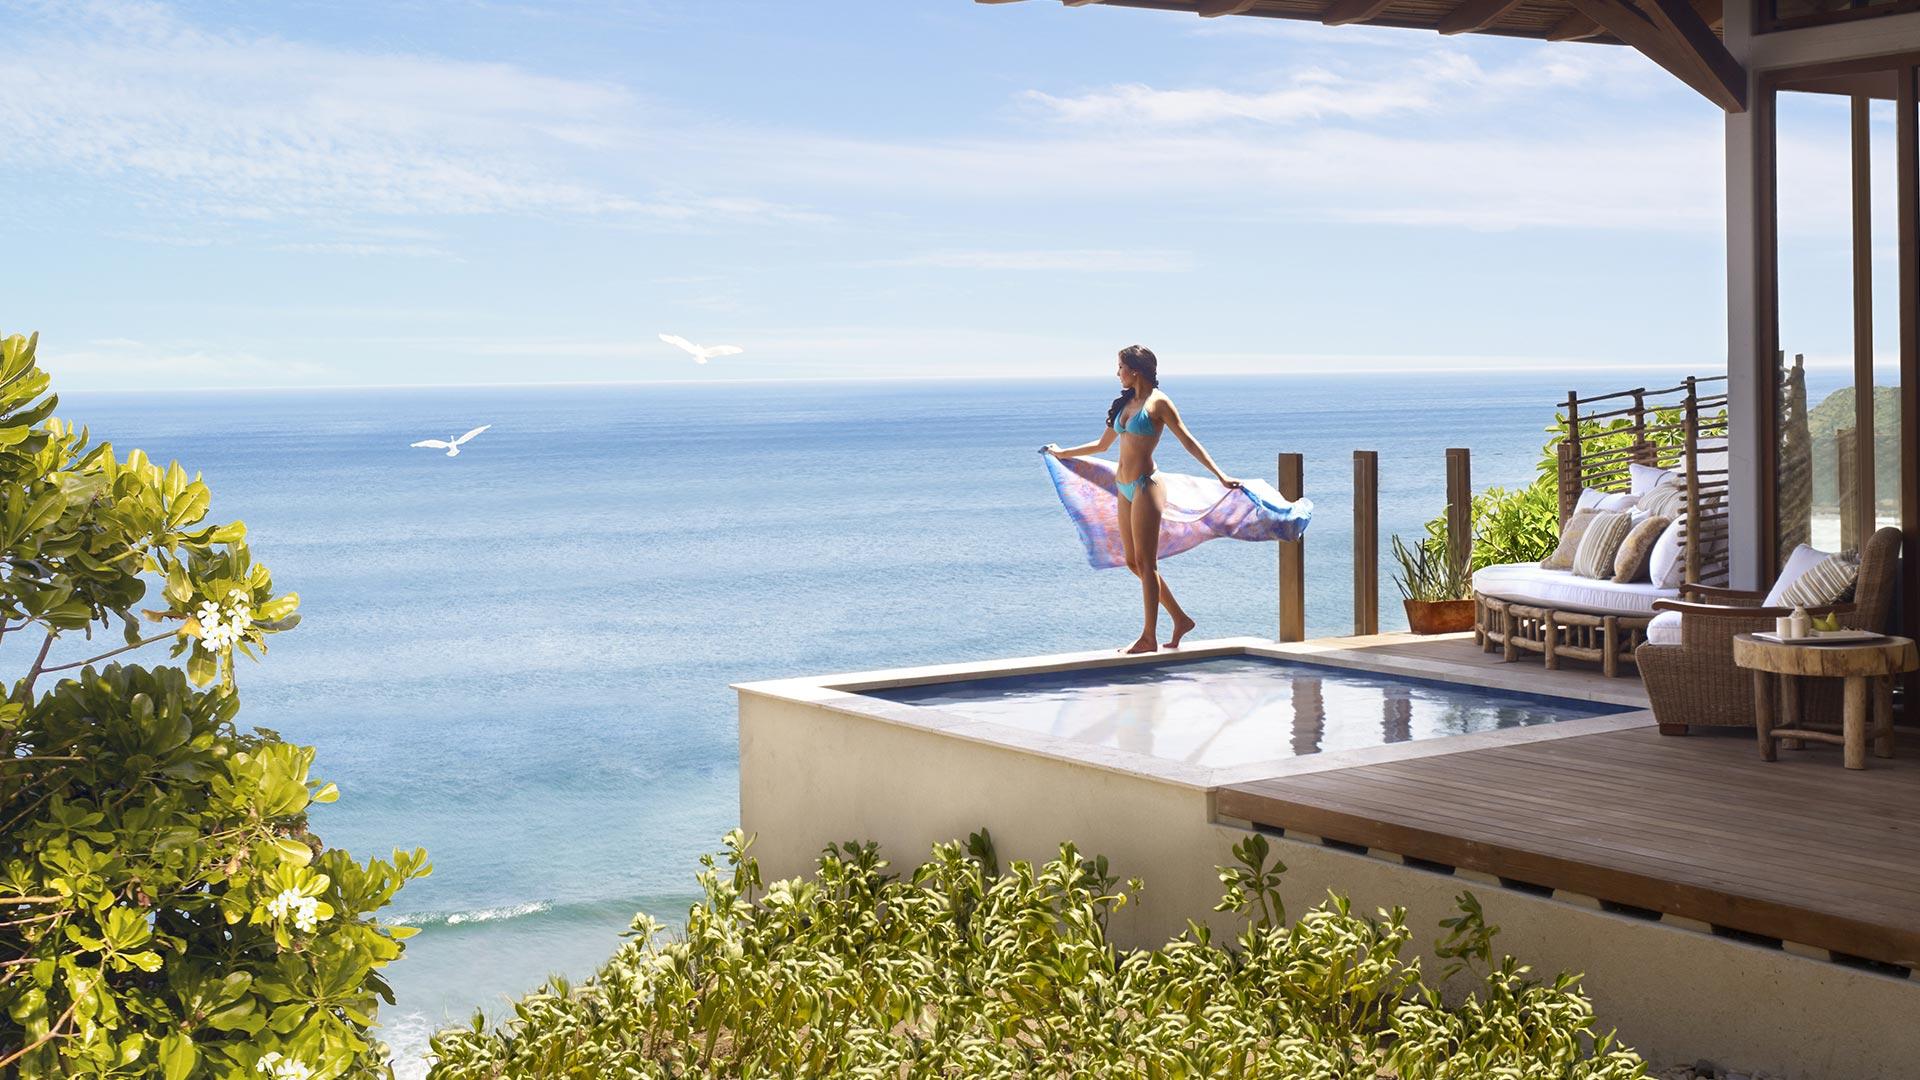 Mukul Resort Nicaragua Via Cinnamon Circle